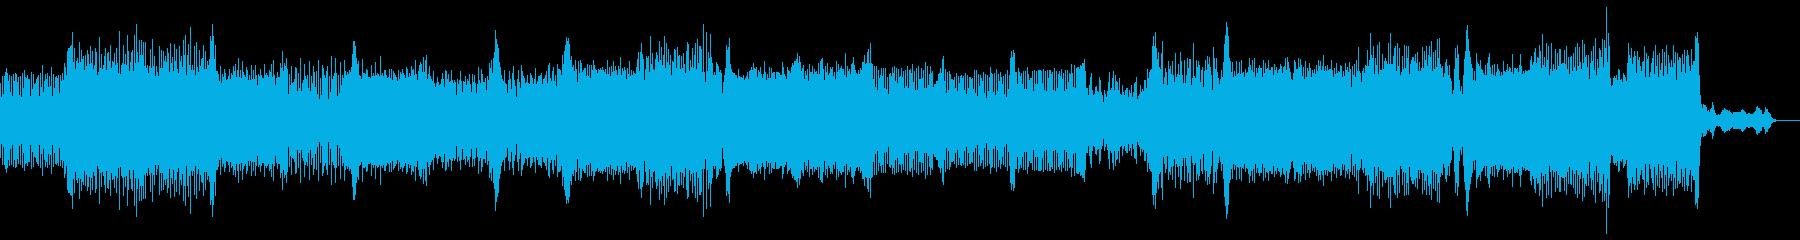 センチメンタルなUKハードコアの再生済みの波形